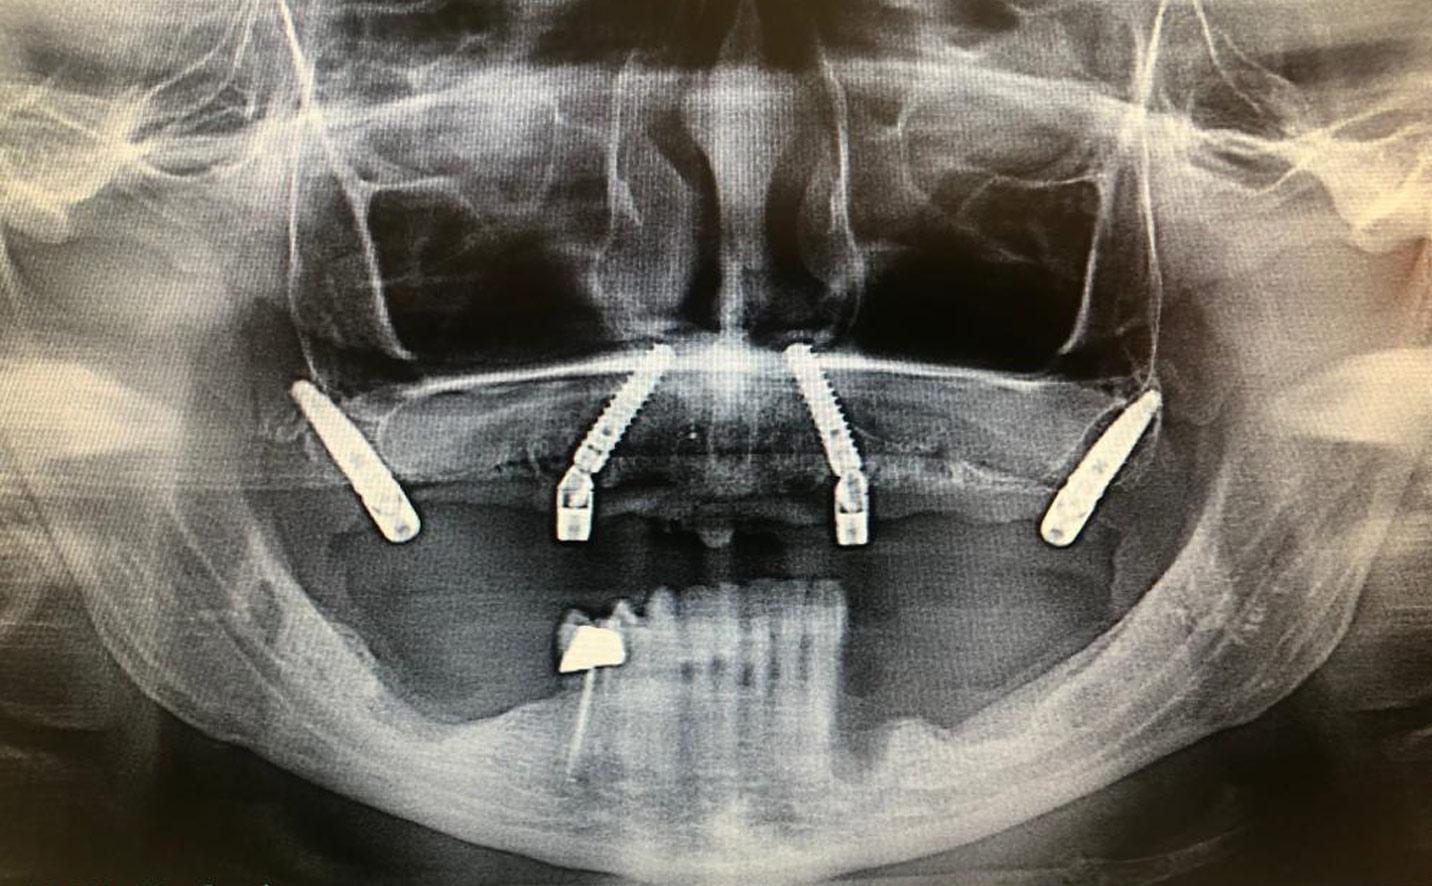 implantologia carico immediato cremona